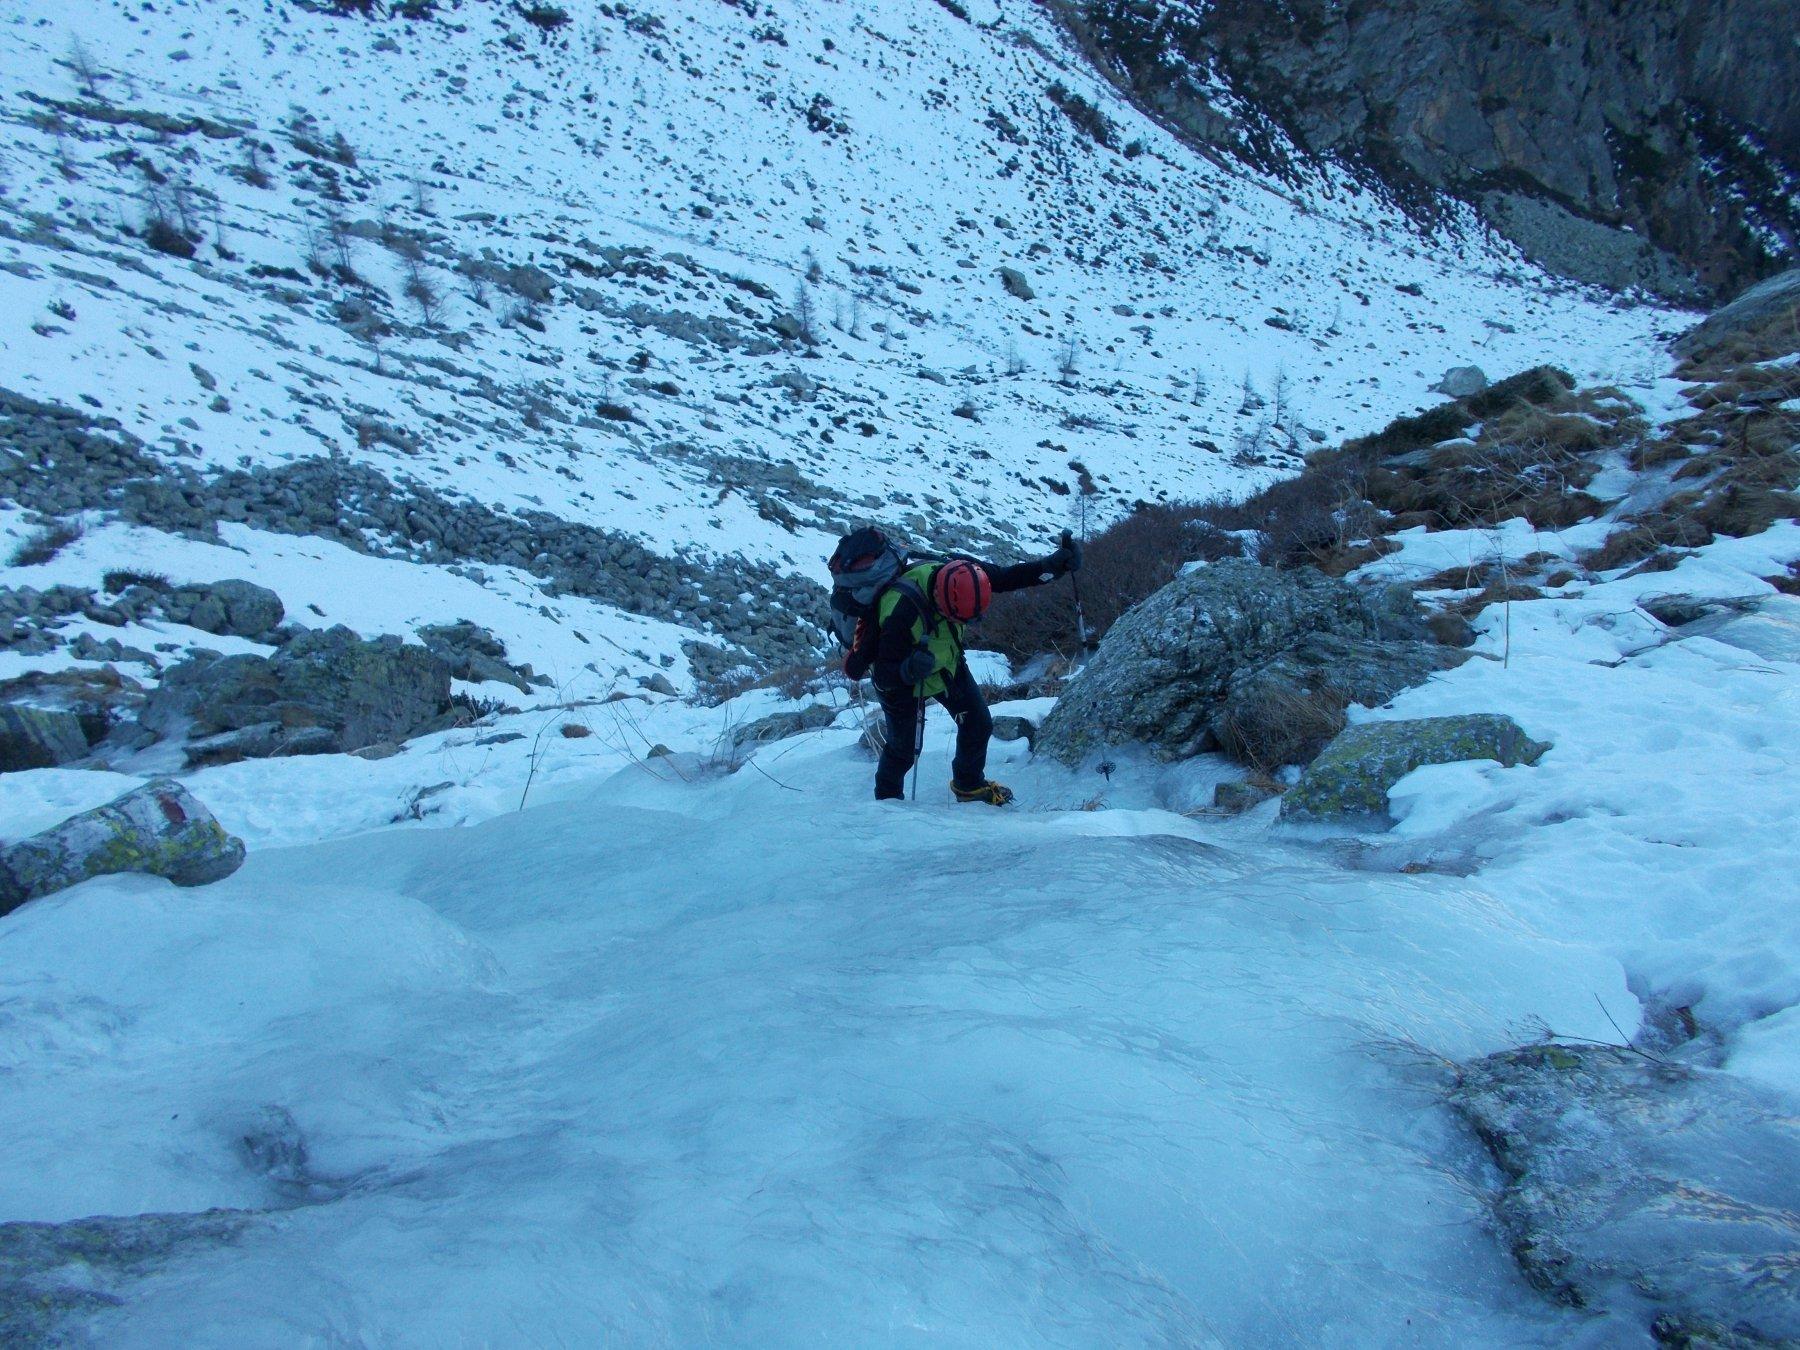 sul sentiero di ghiaccio..in punta di ramponi..